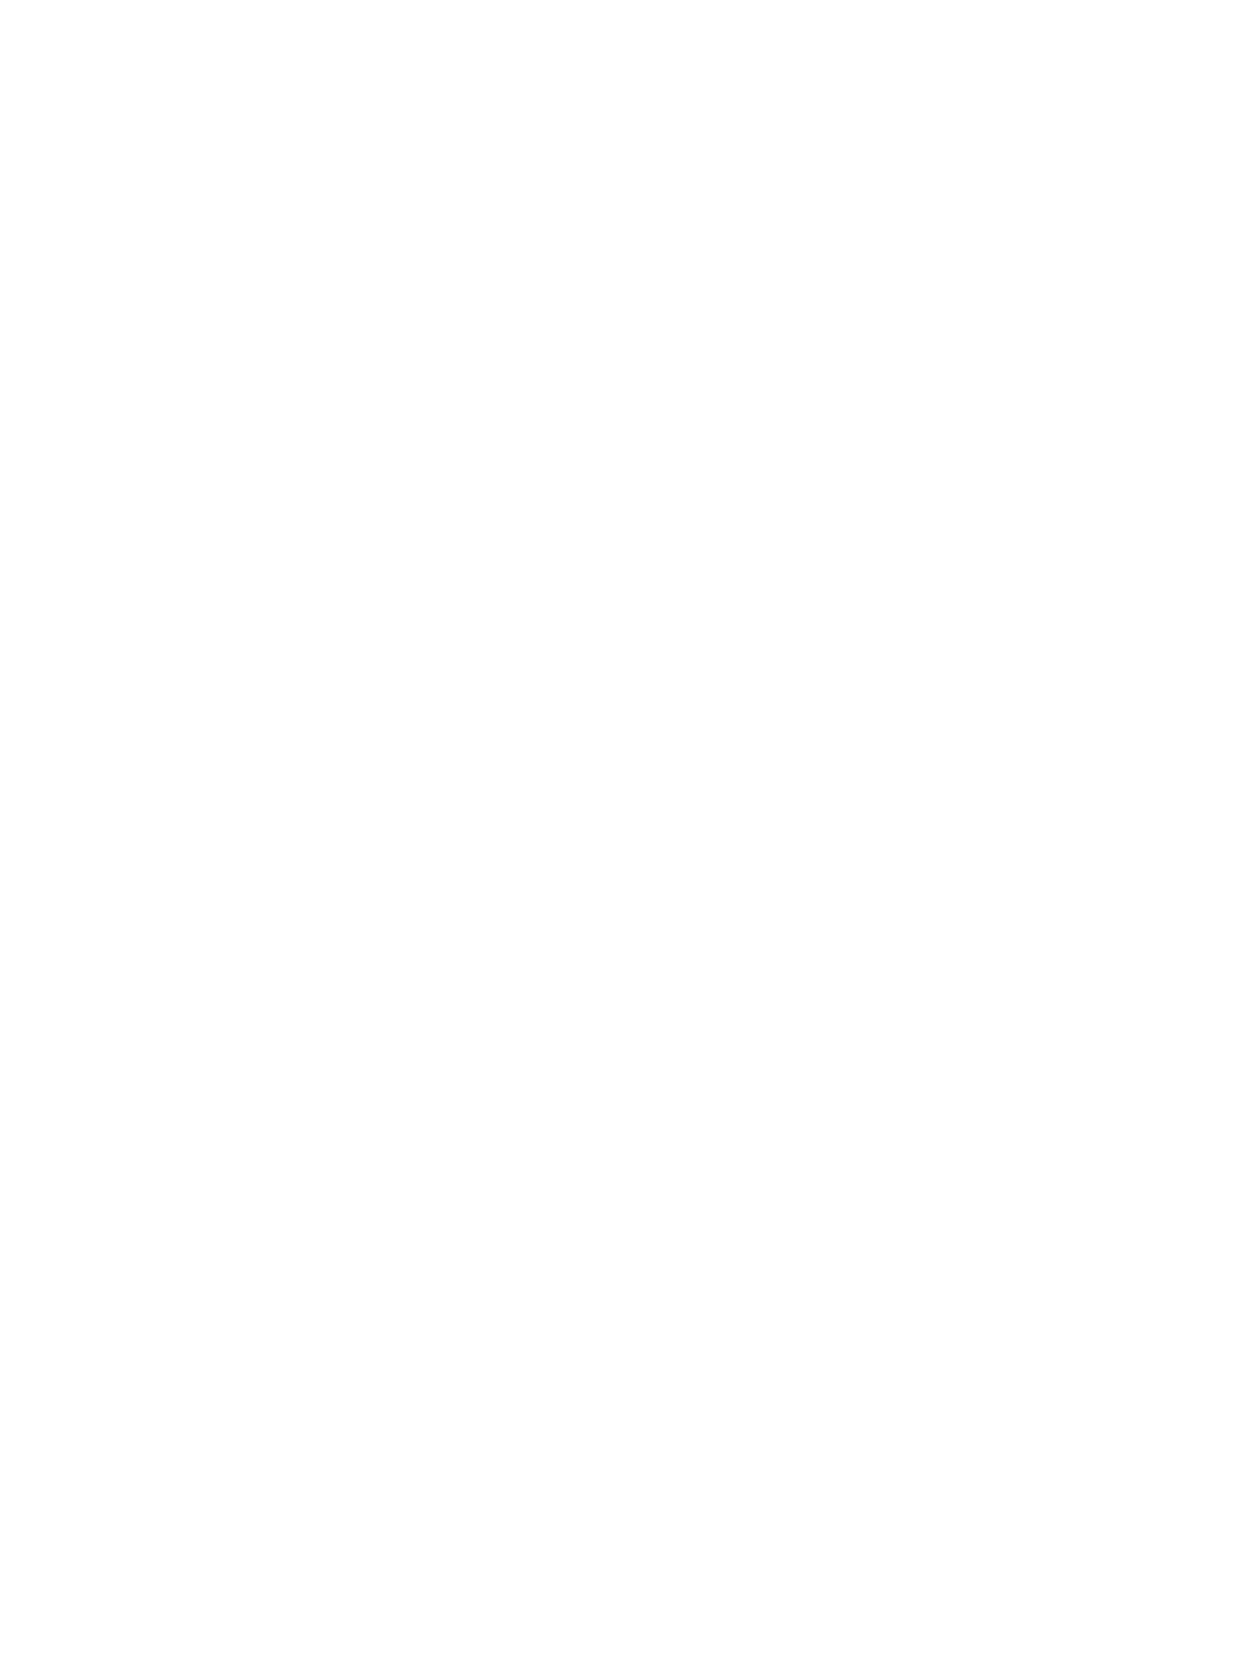 white_arrow